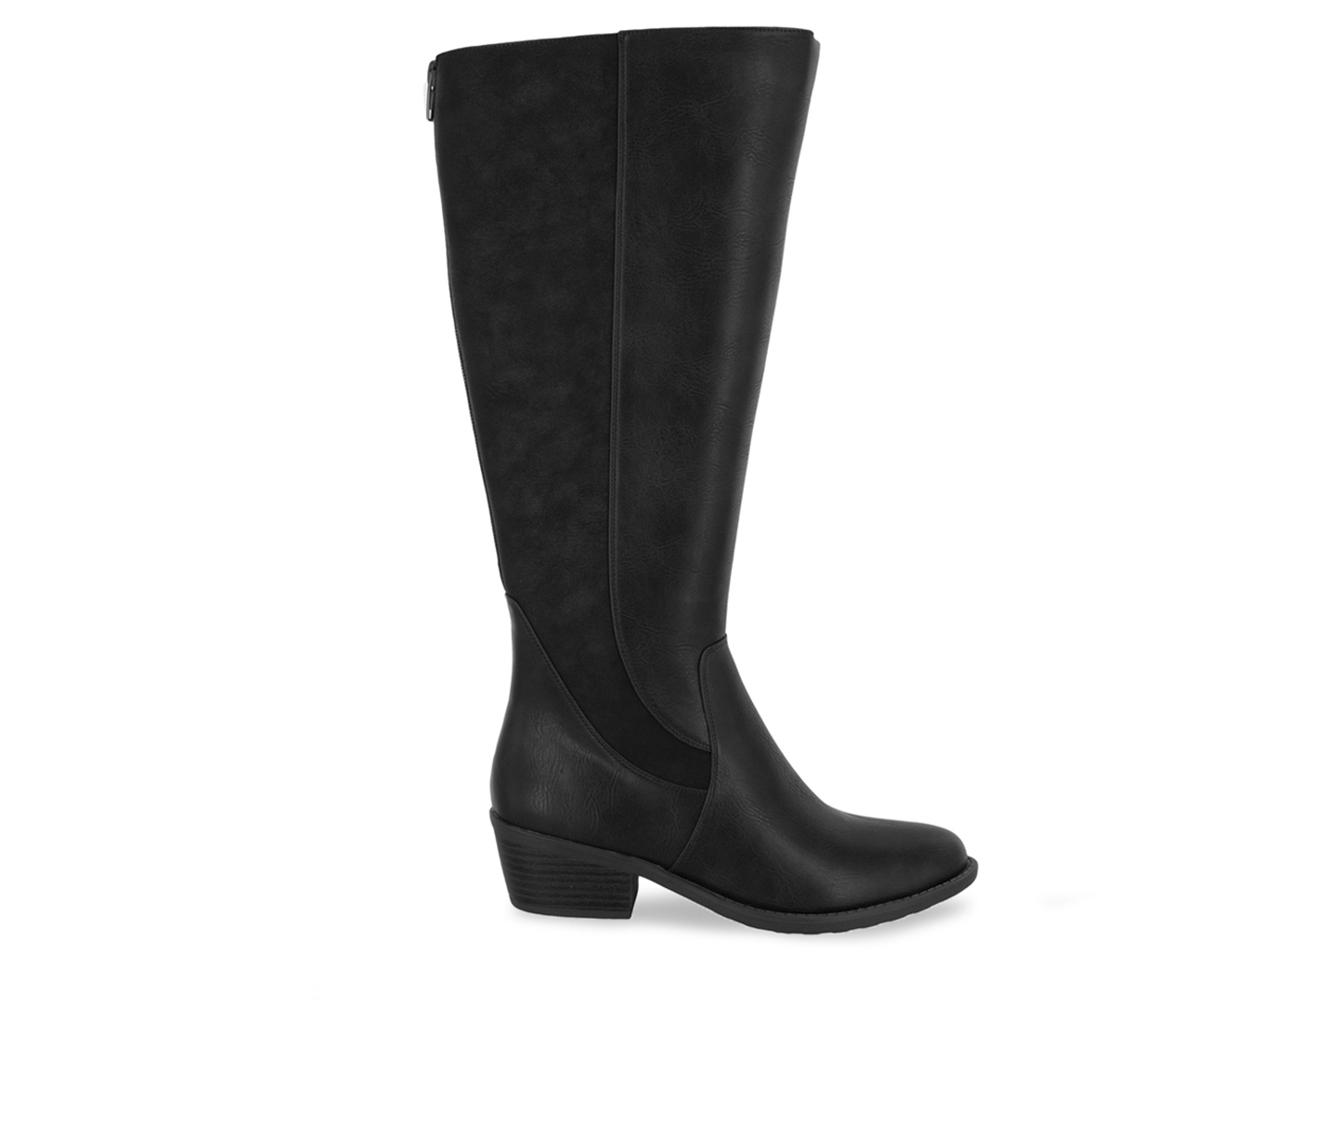 Easy Street Cortland Plus Women's Boot (Black Faux Leather)